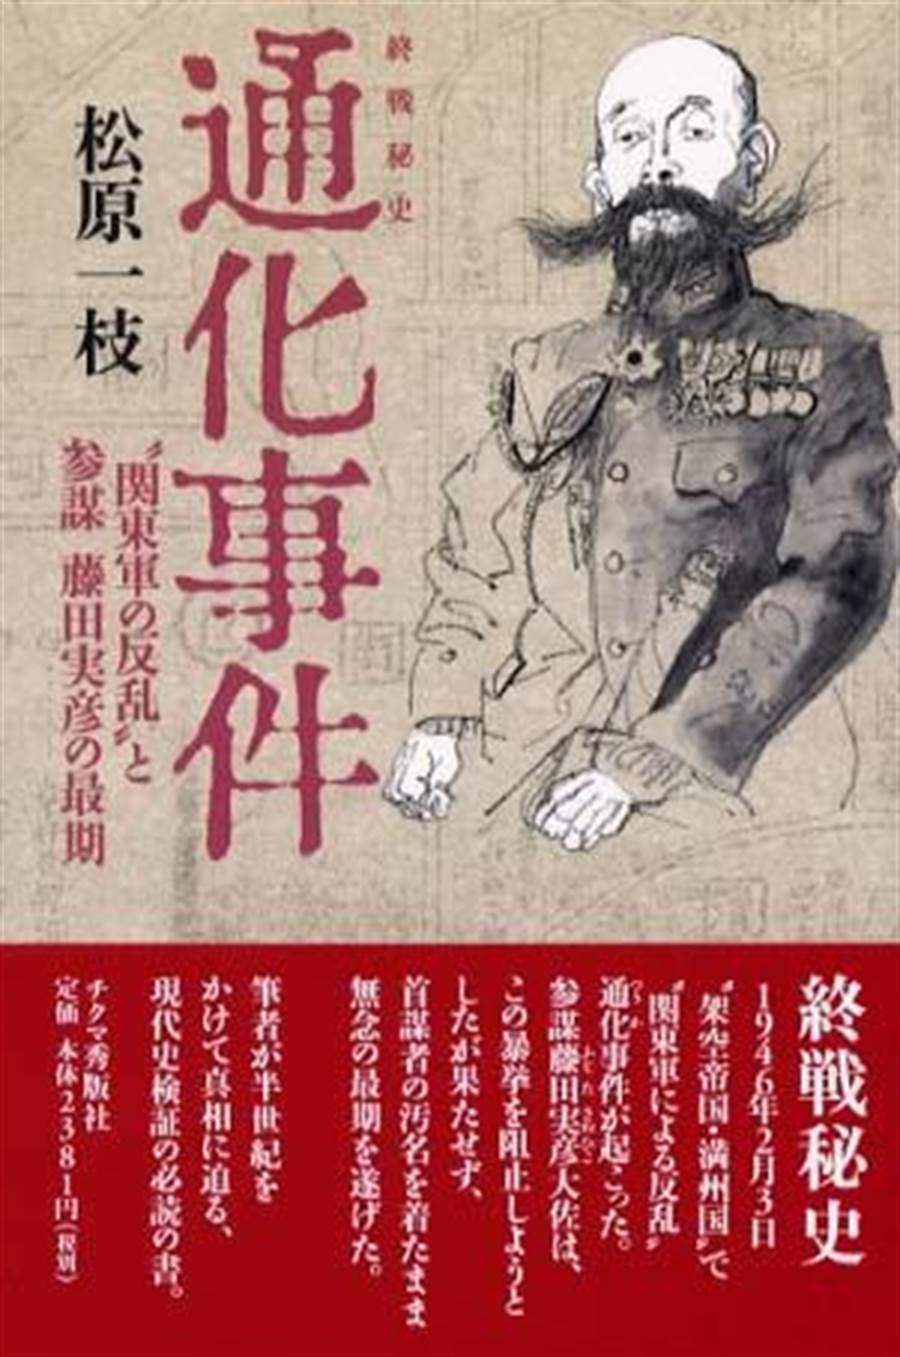 日本關於「通化事變」的書籍,封面上的人物就是藤田實彥。(Amazon)